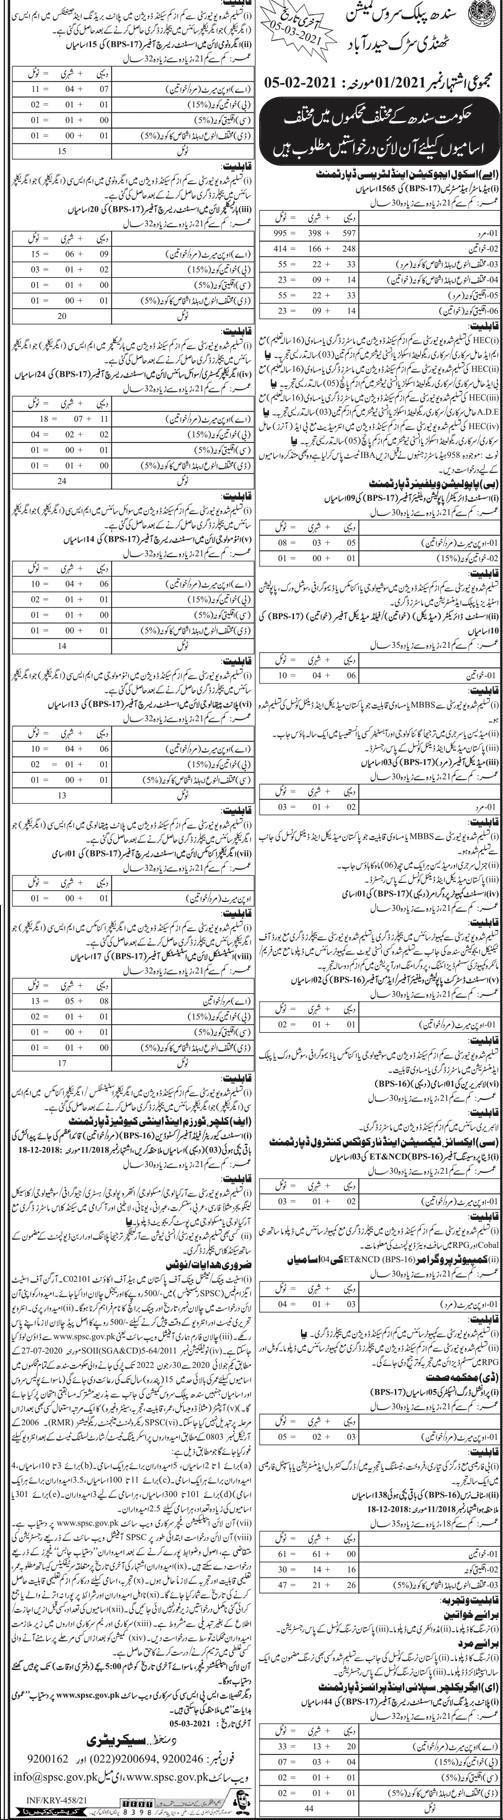 Download Sindh Public Service Commission SPSC Jobs 2021Application Form - www.spsc.gov.pk - SPSC Jobs - Sindh Public Service Commission Jobs 2021 - SPSC Jobs 2021